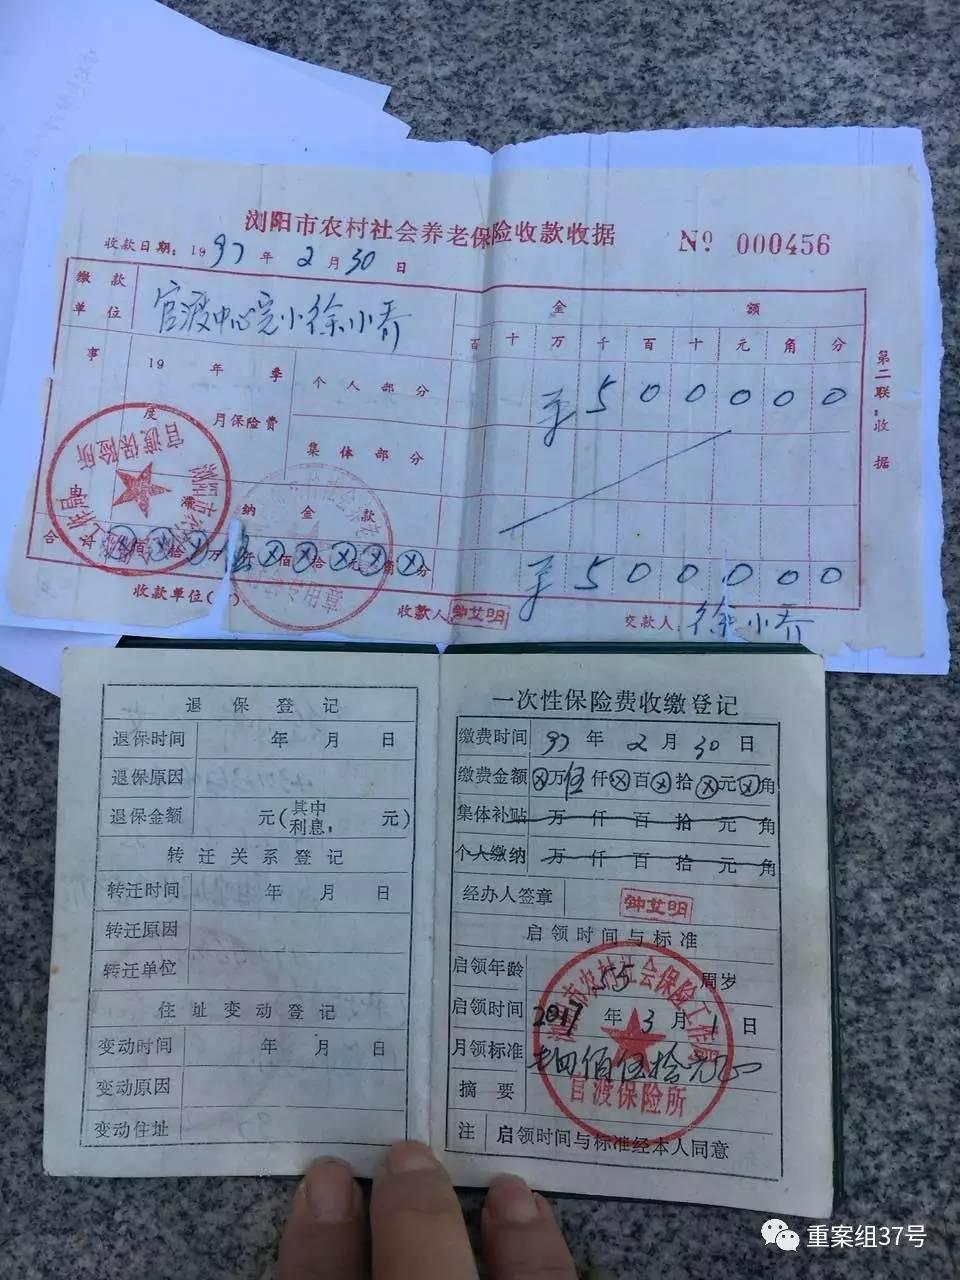 徐小乔的缴费凭证和记载启领时间的缴费手册内页。 受访者供图